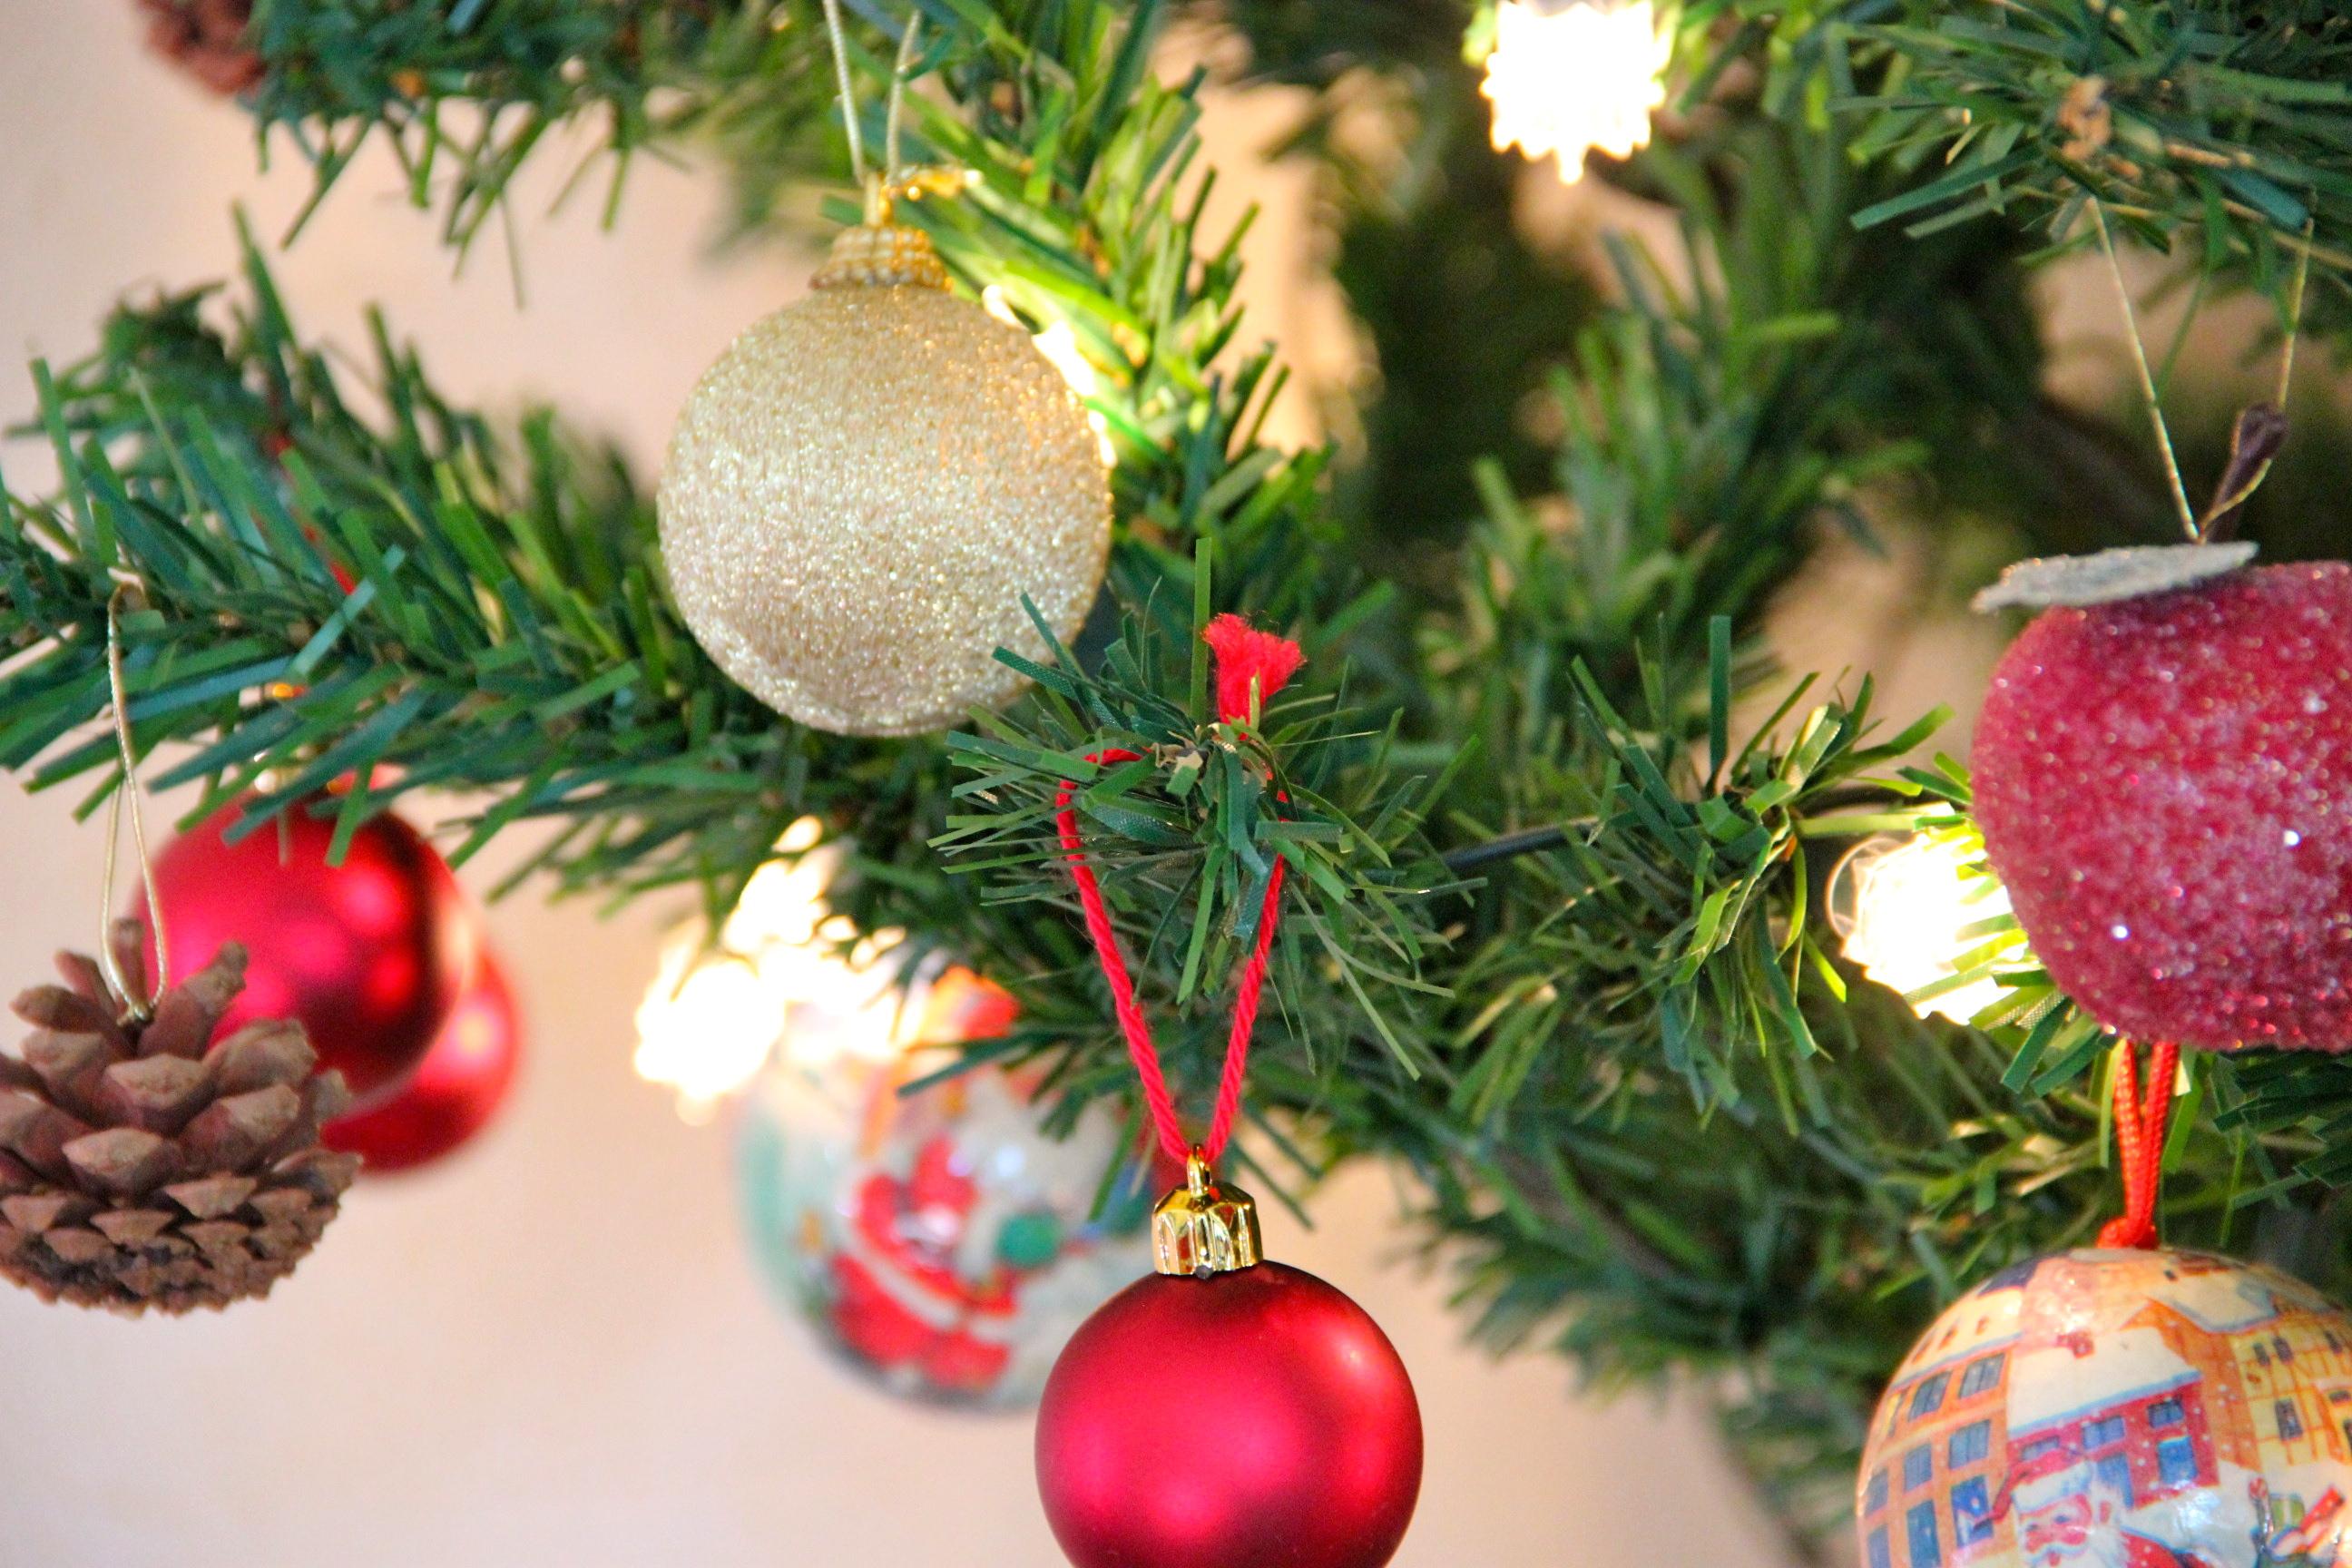 #AE1D2F L'esprit De Noël 5409 decorations de noel en gros 2592x1728 px @ aertt.com